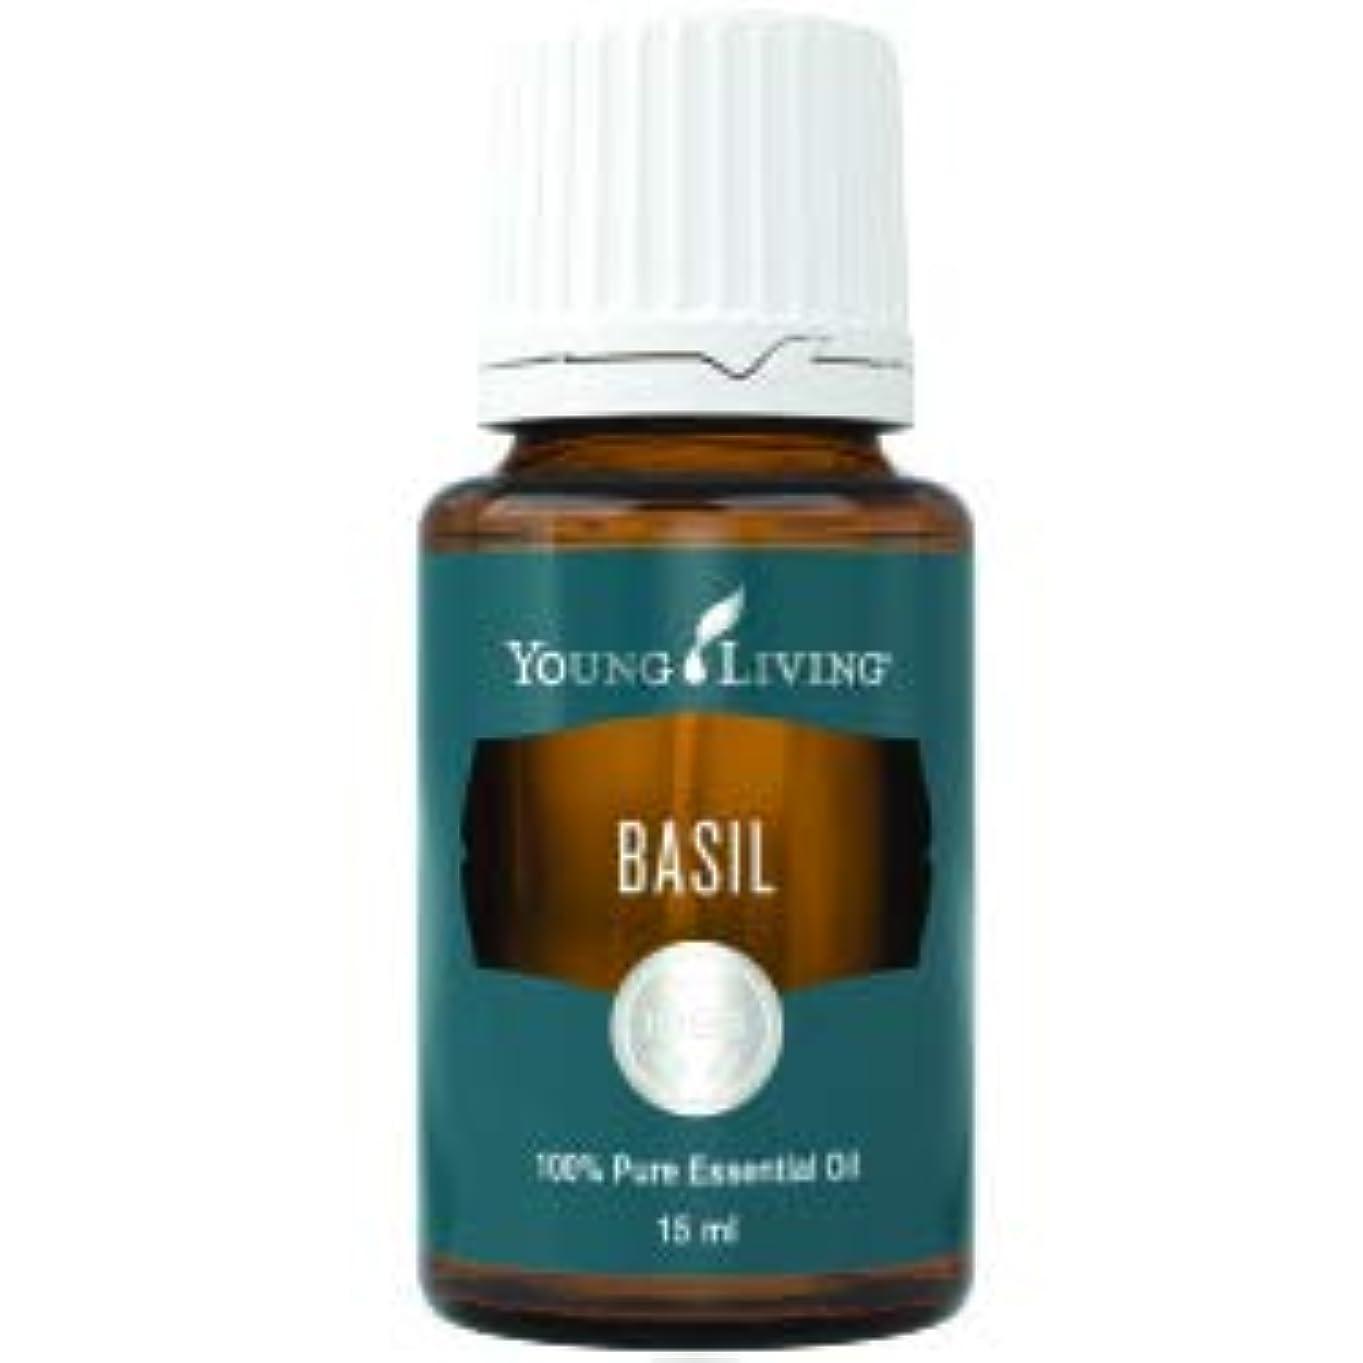 行くどちらかビザバジルエッセンシャルオイル15 ml ヤングリビングマレーシア Basil Essential Oil 15 ml by Young Living Malaysia